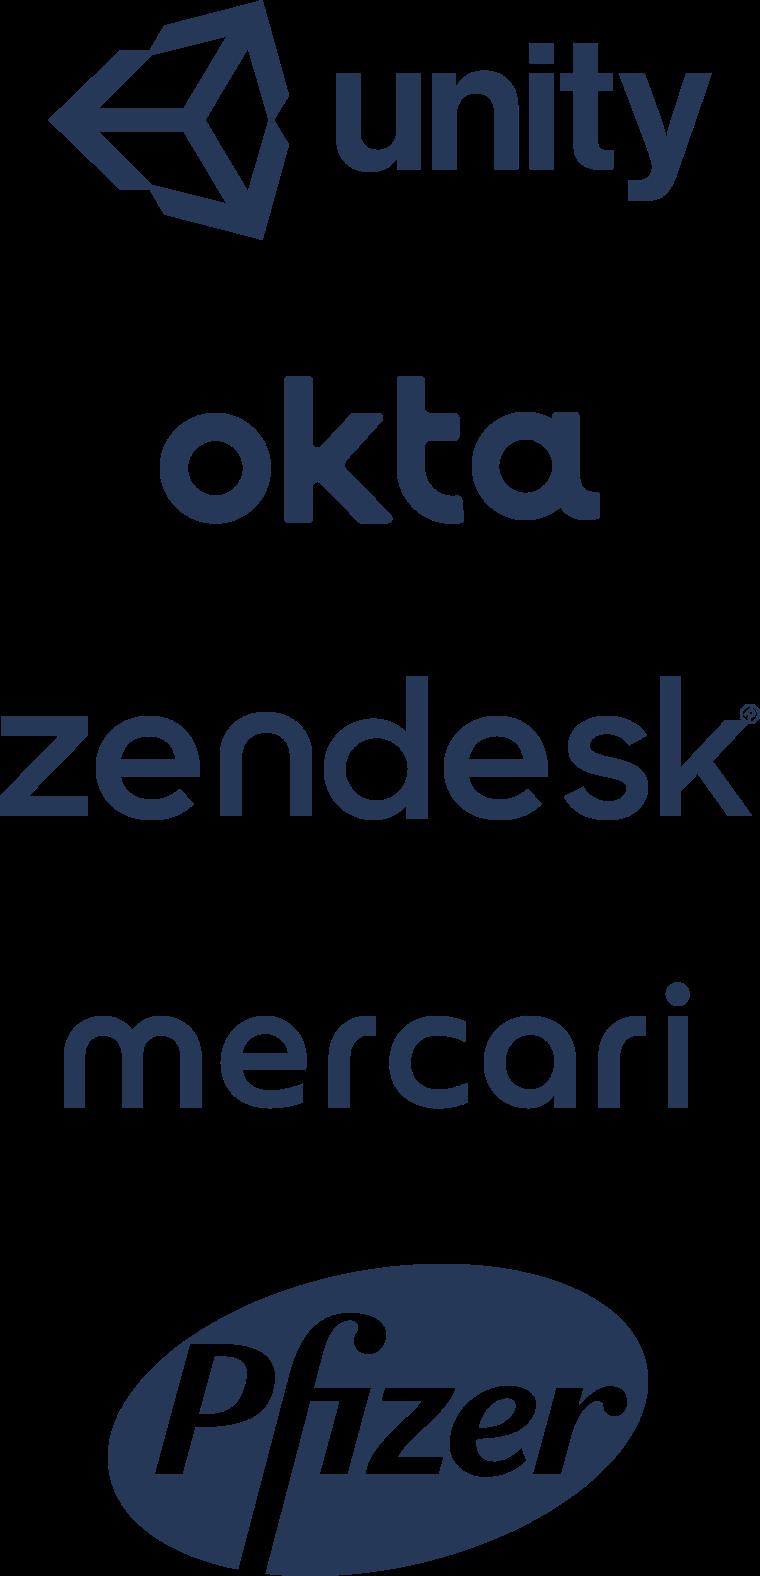 Logotipos da Unity, da Okta, da Zendesk, da Mercari e da Pfizer